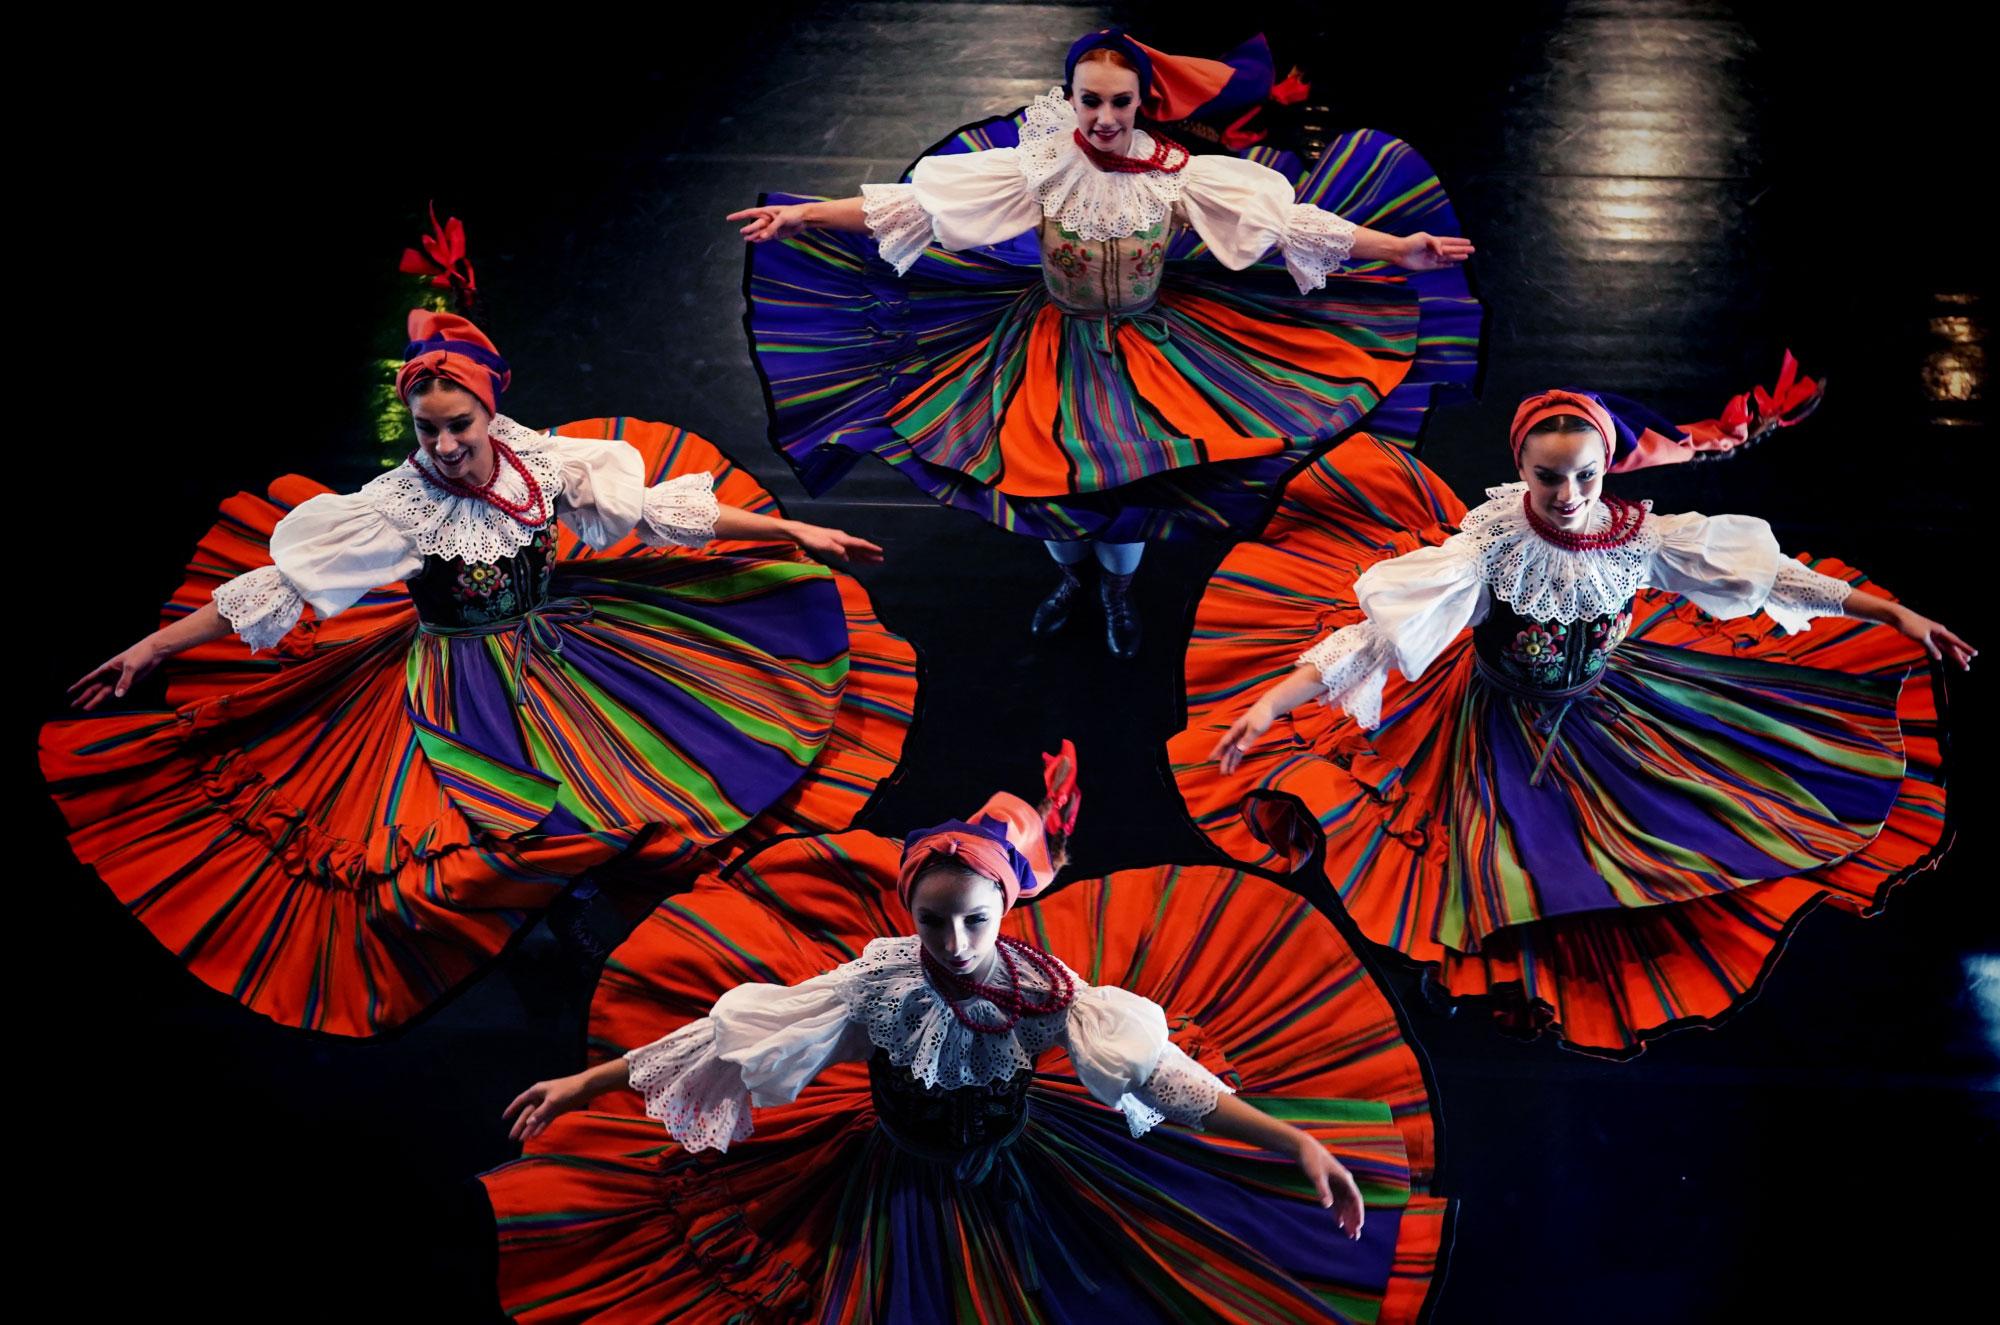 Zdjęcie zrobione z góry. Cztery kobiety w wielobarwnych strojach ludowych w tańcu. Kręcące się spódnice. Ręce otwarte do widowni.